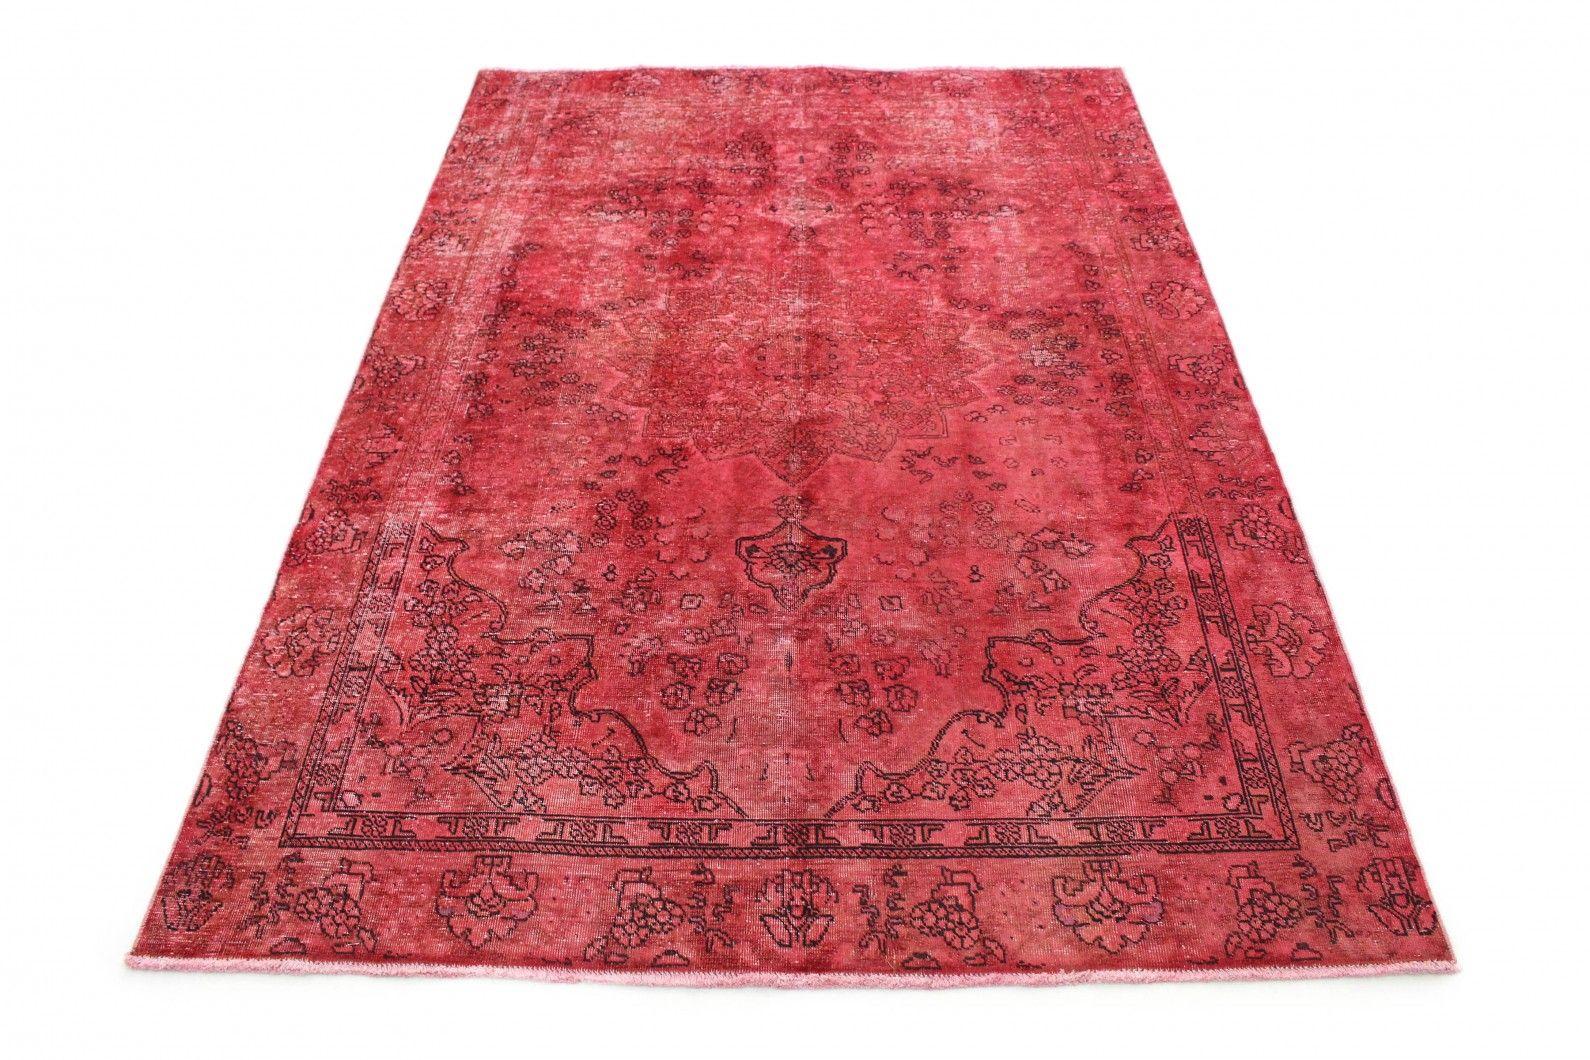 Vintage Teppich Rot In 290x200 Vintage Teppiche Teppich Vintage